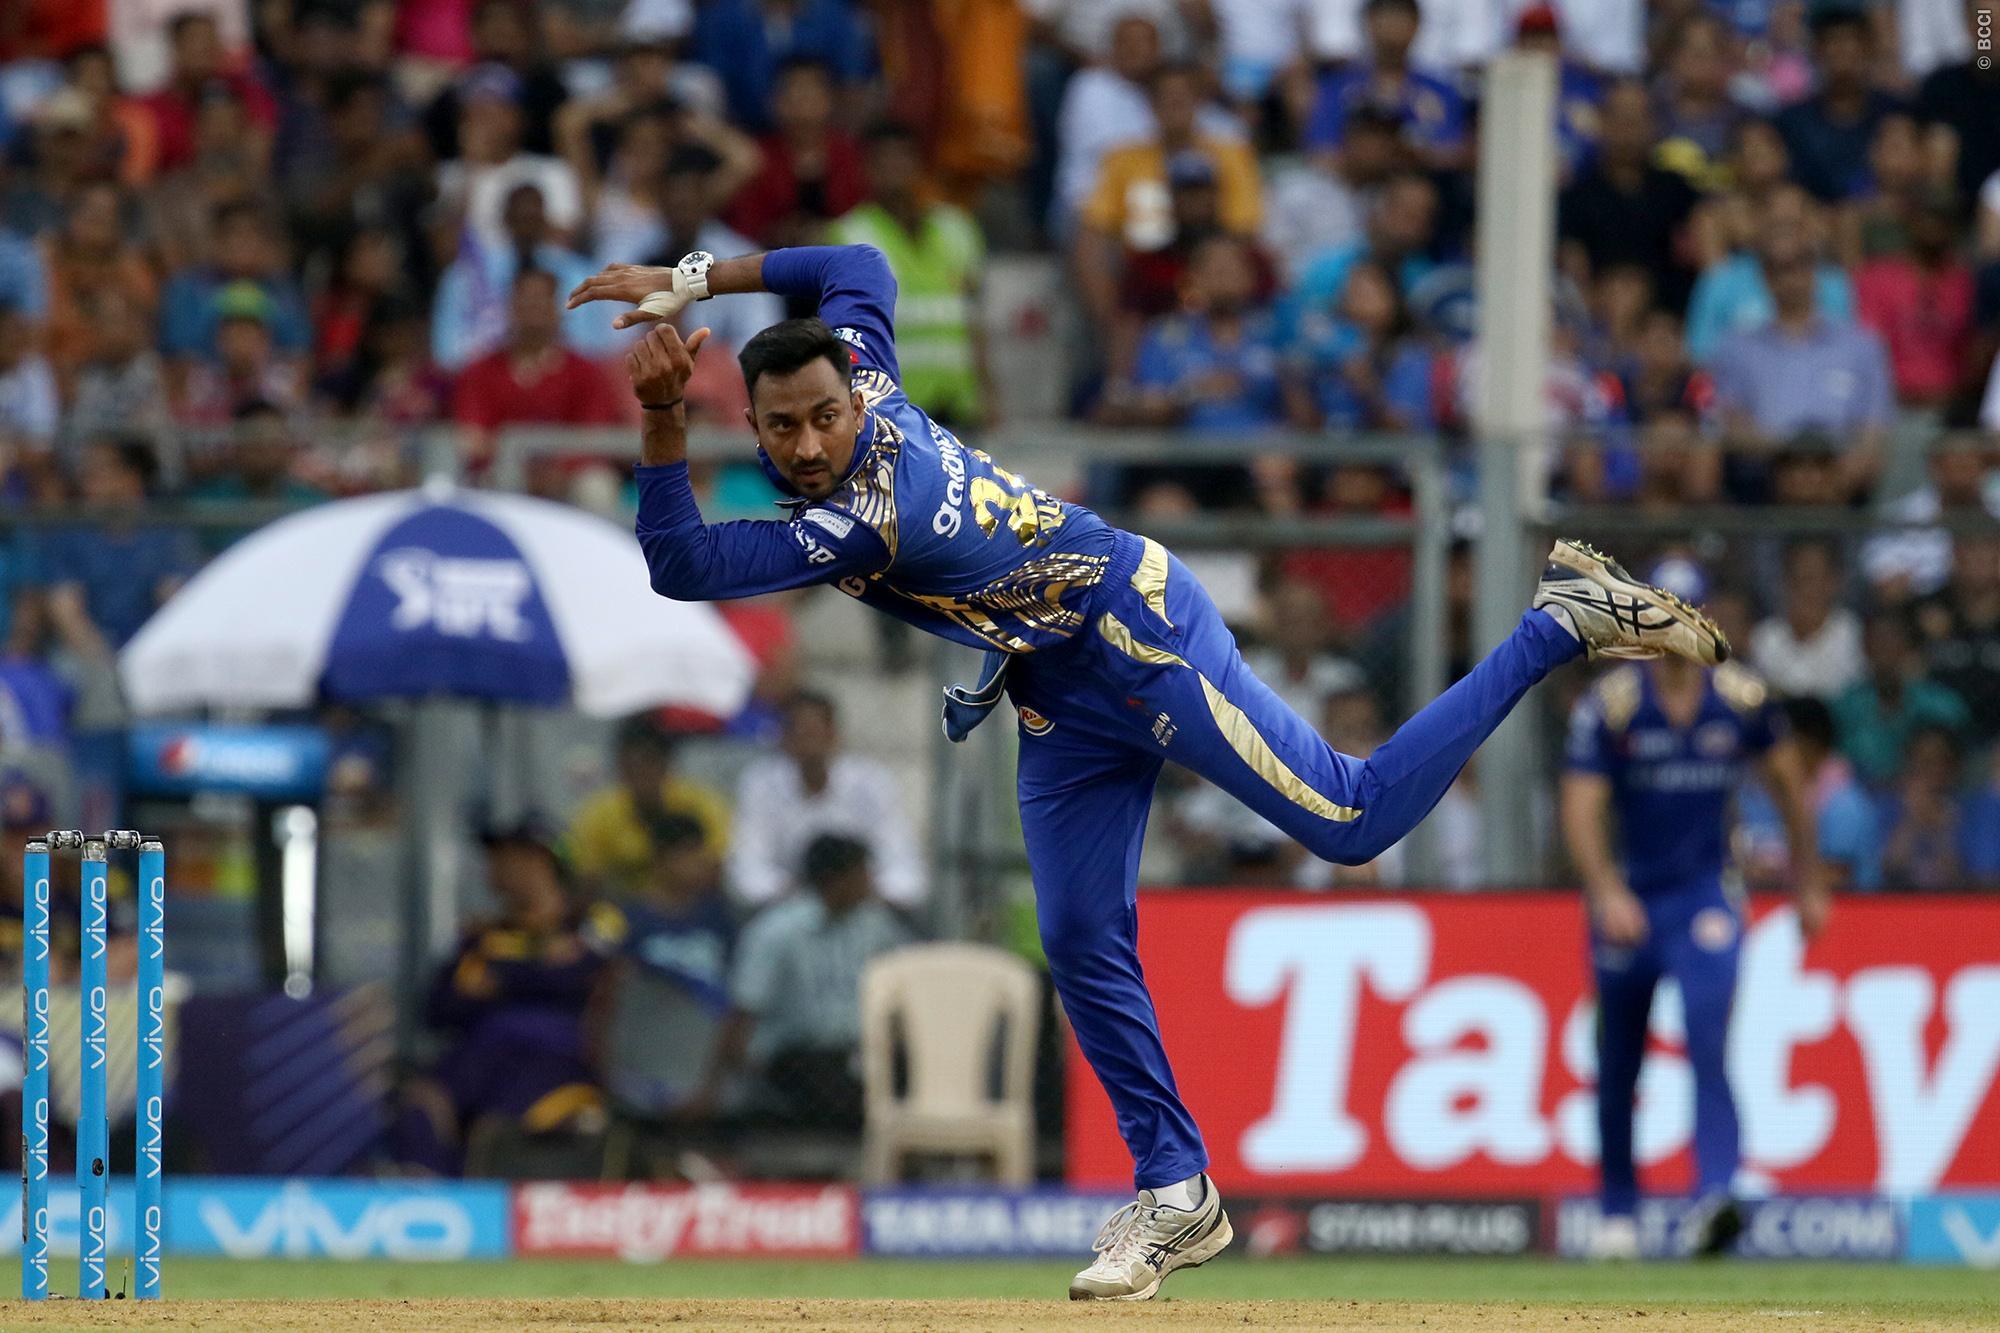 IPL 2018: दिल्ली डेयरडेविल्स के खिलाफ अंतिम ओवर में कृणाल पंड्या और रोहित शर्मा के बीच हुई थी मतभेद कूद पंड्या ने बताया वजह 31